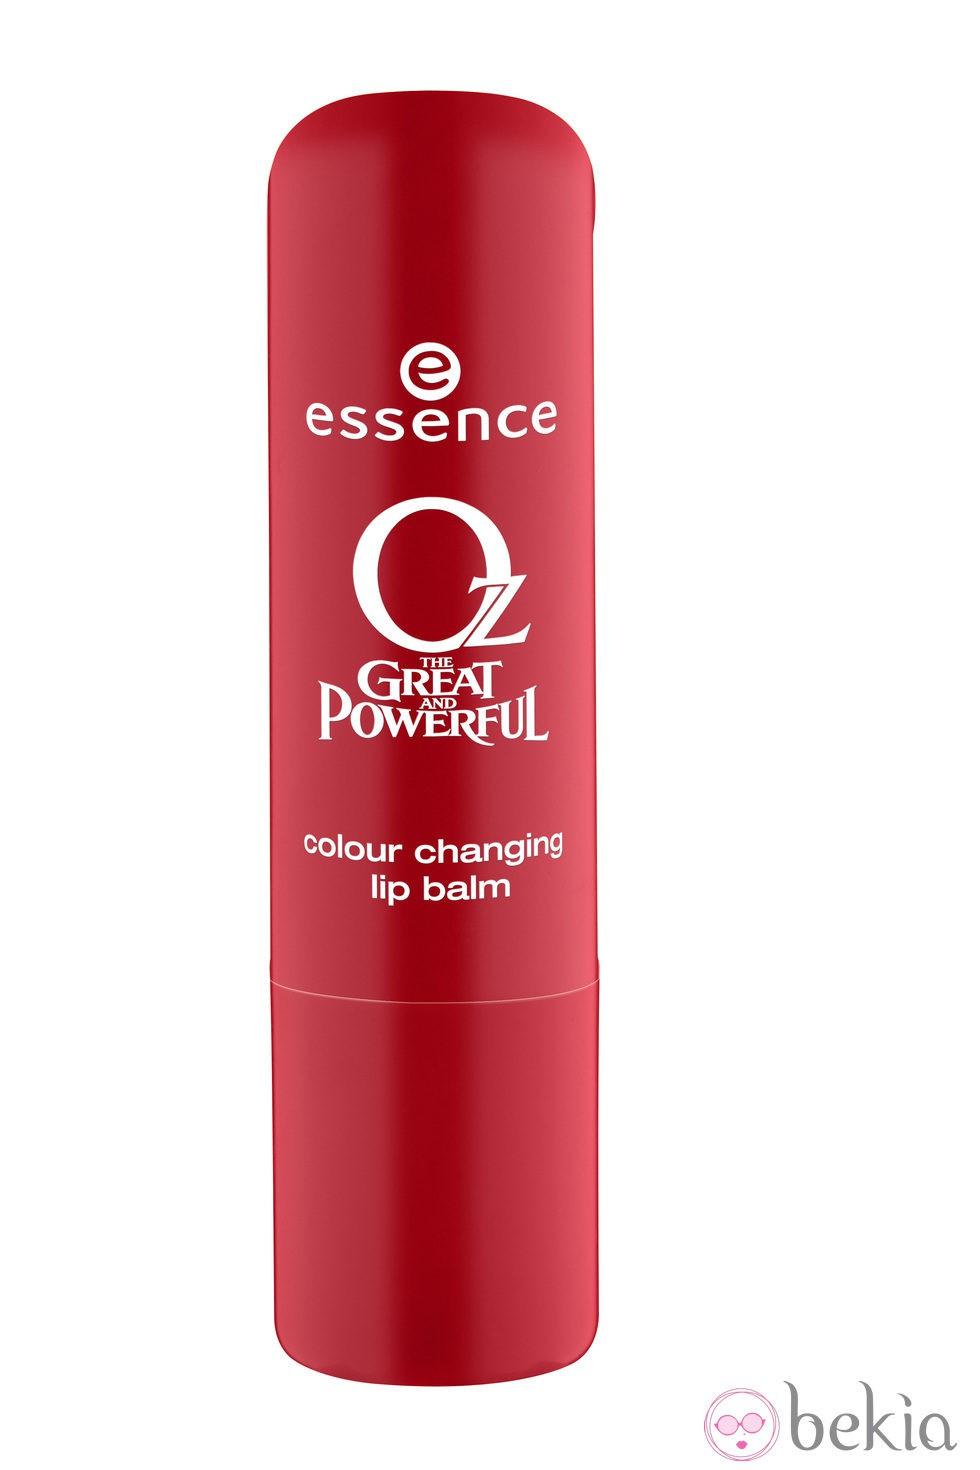 Bálsamo labial de Essence para su nueva colección 'Essence Oz'